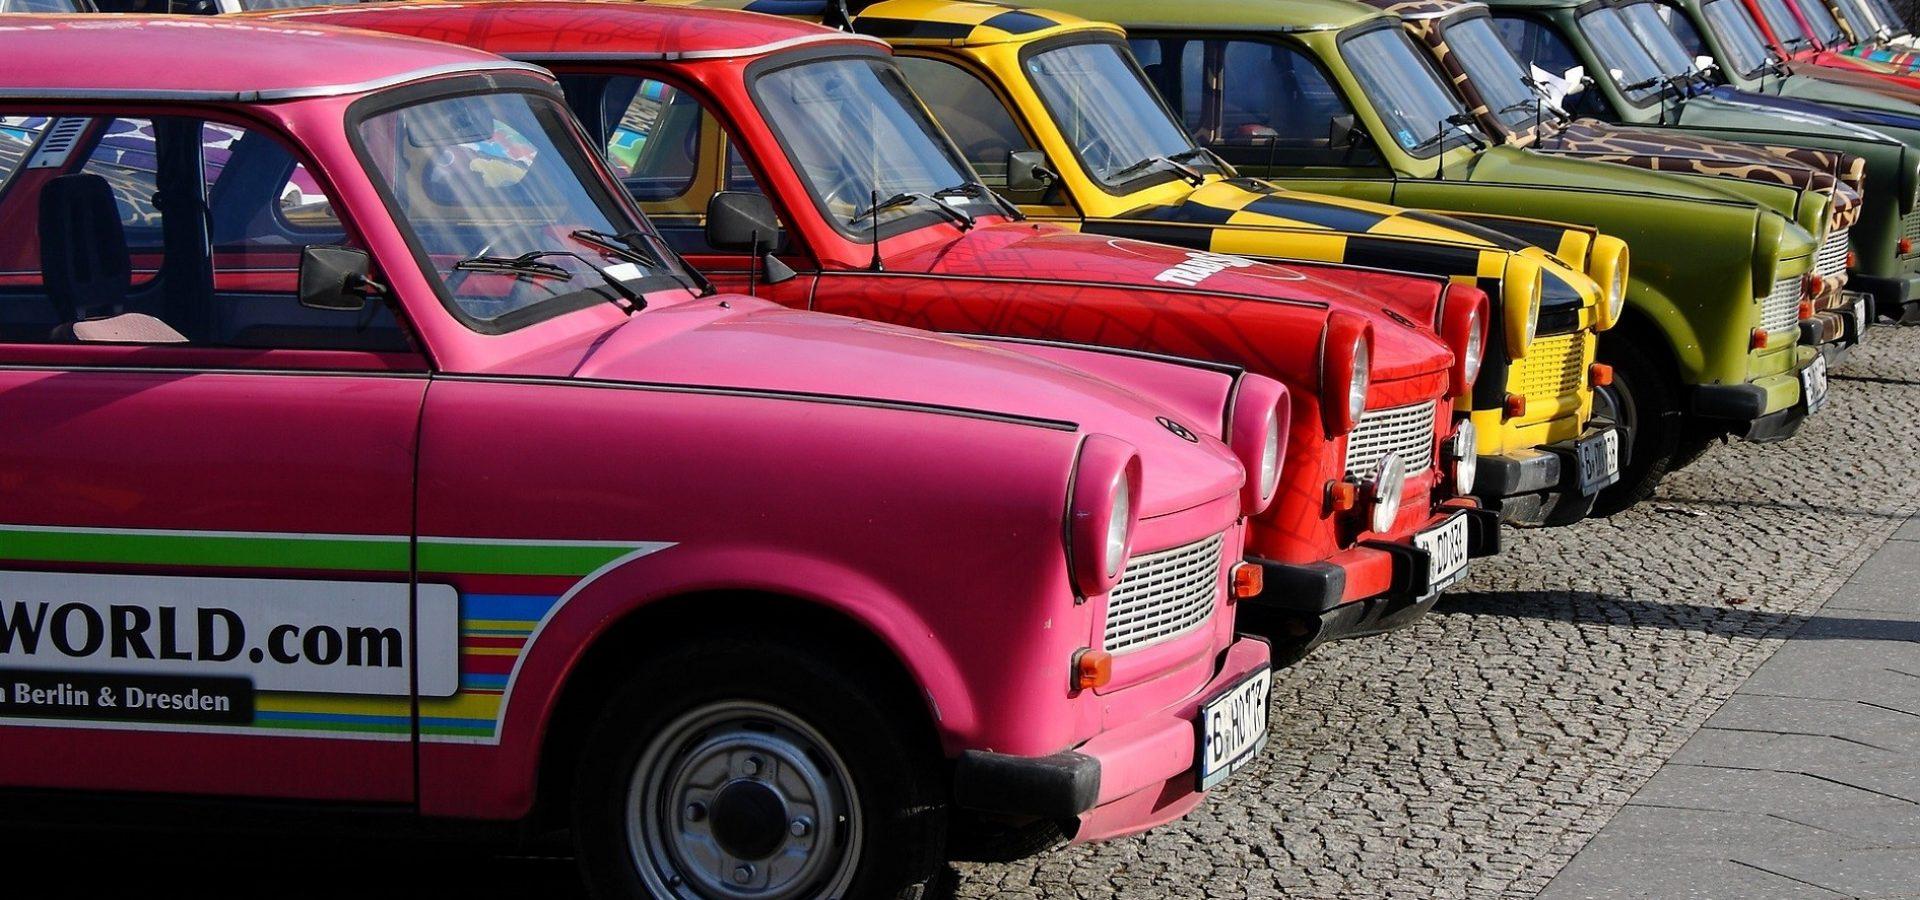 berlin-90216040-74c4-496e-b664-35b780b9096f